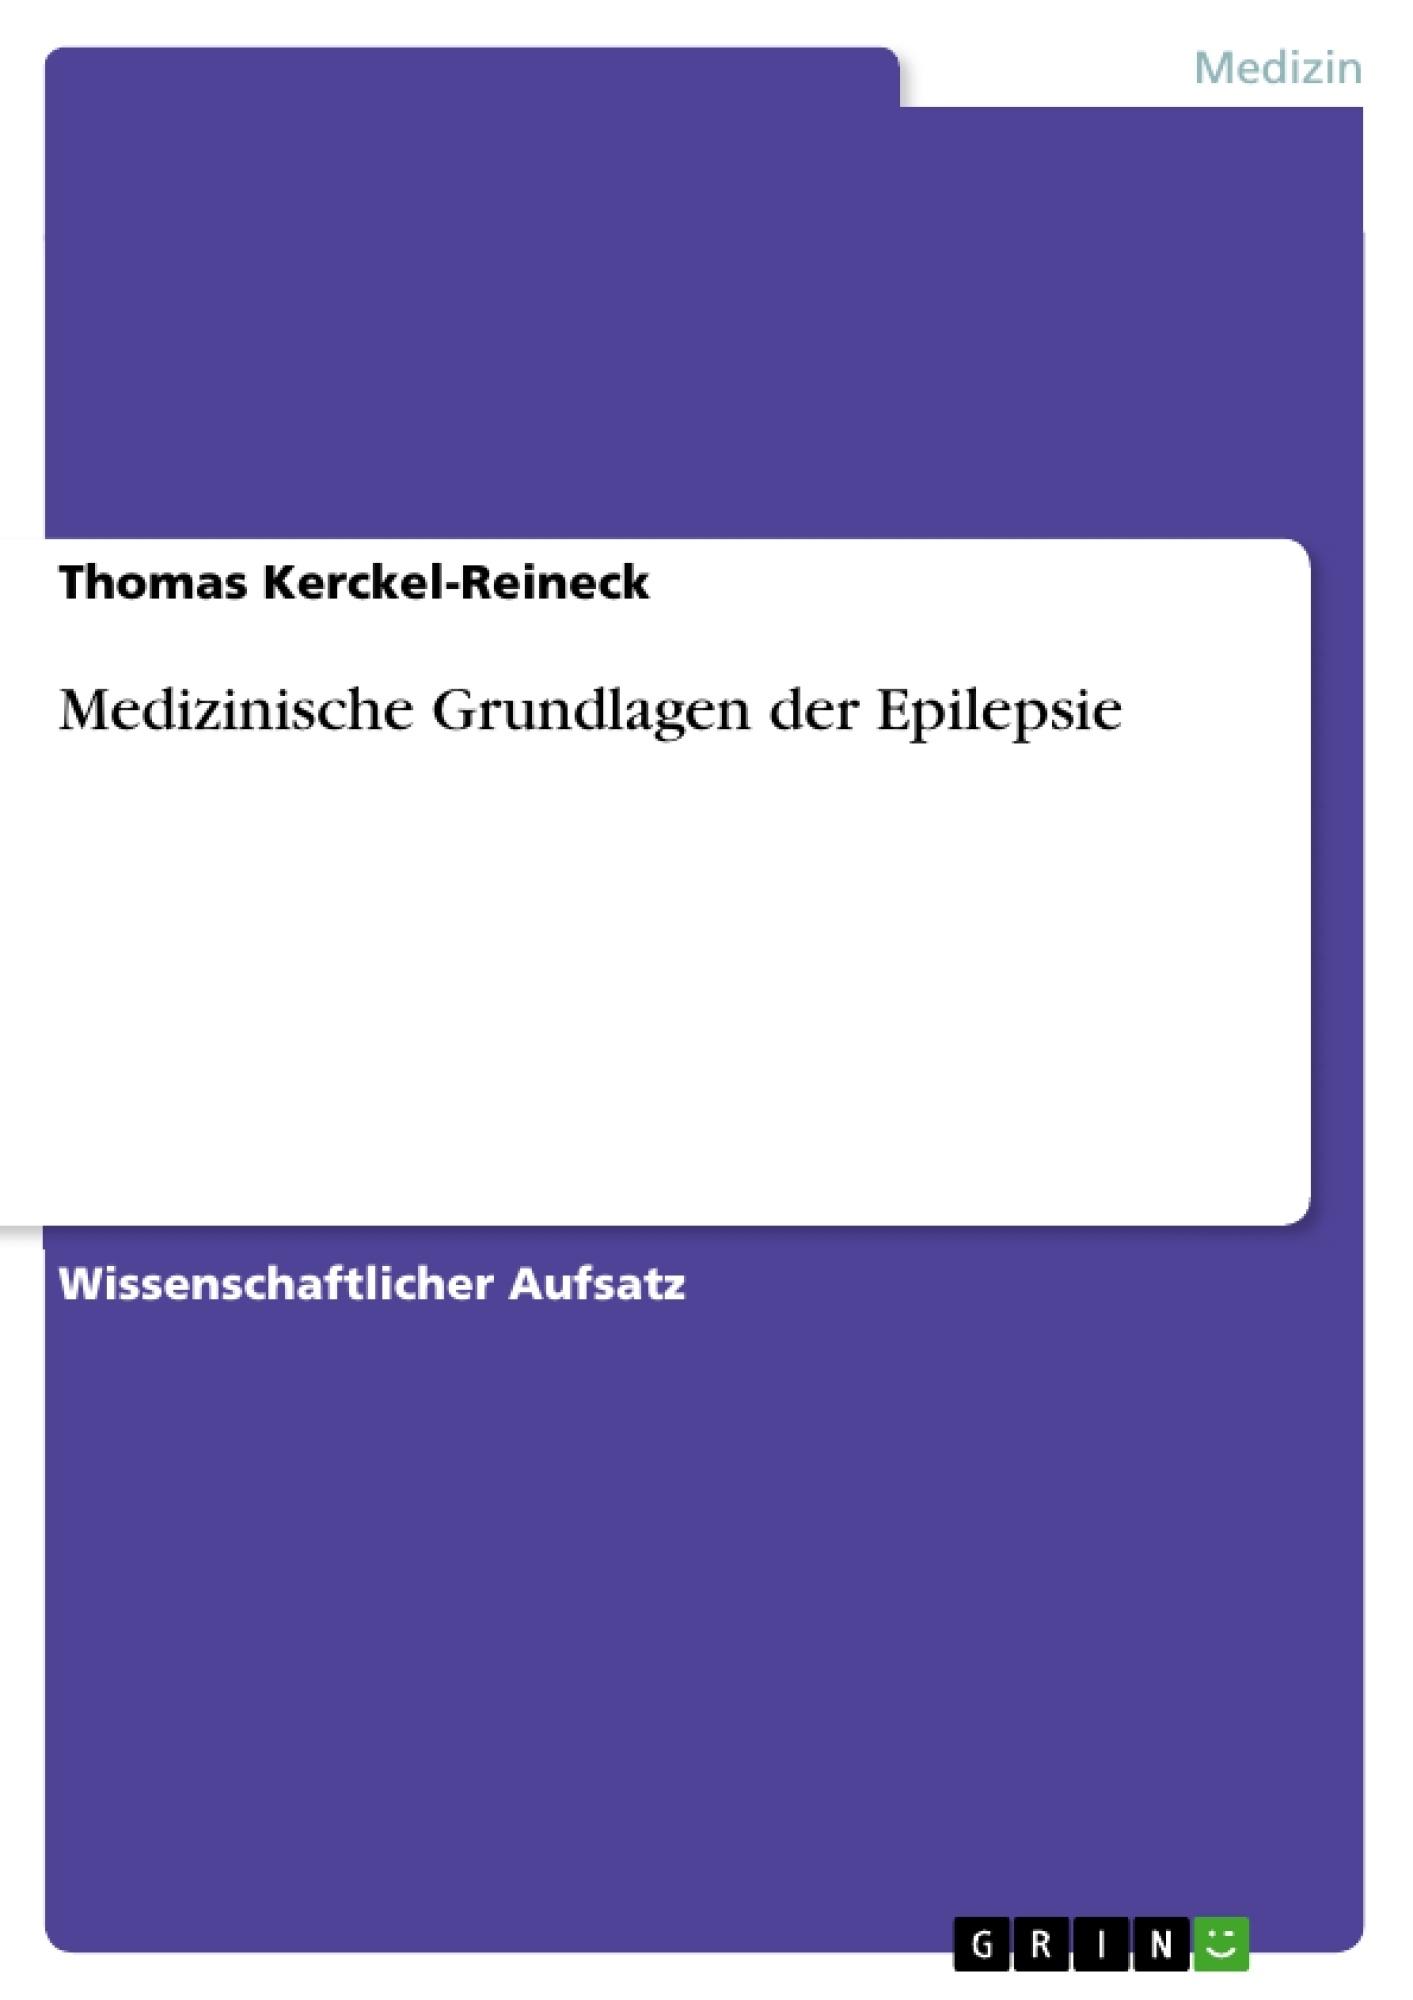 Titel: Medizinische Grundlagen der Epilepsie